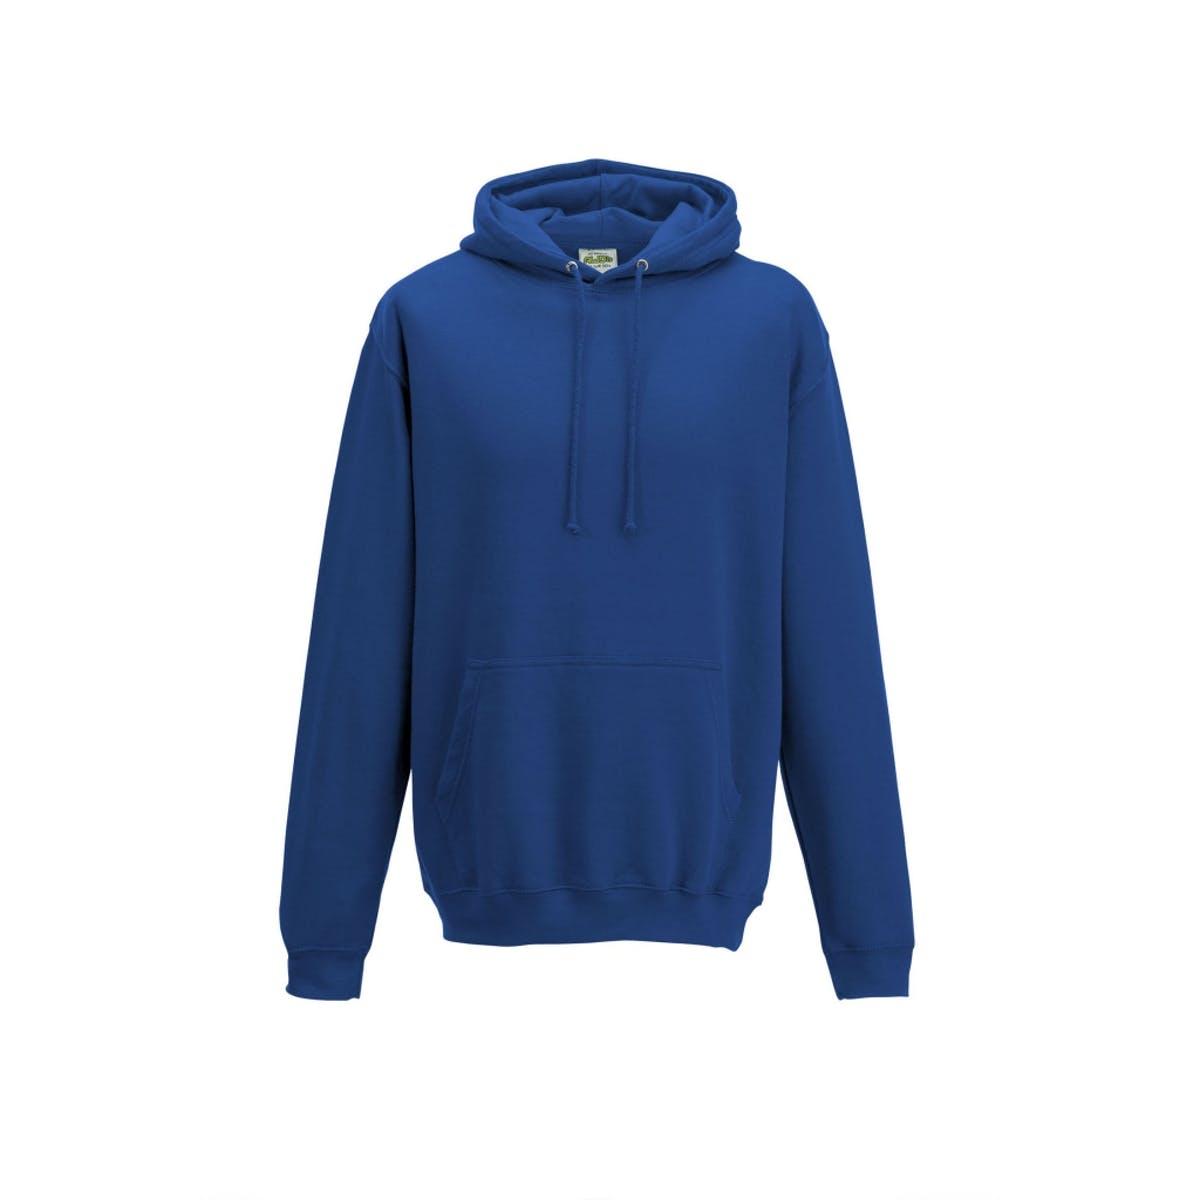 royal blue college hoodies